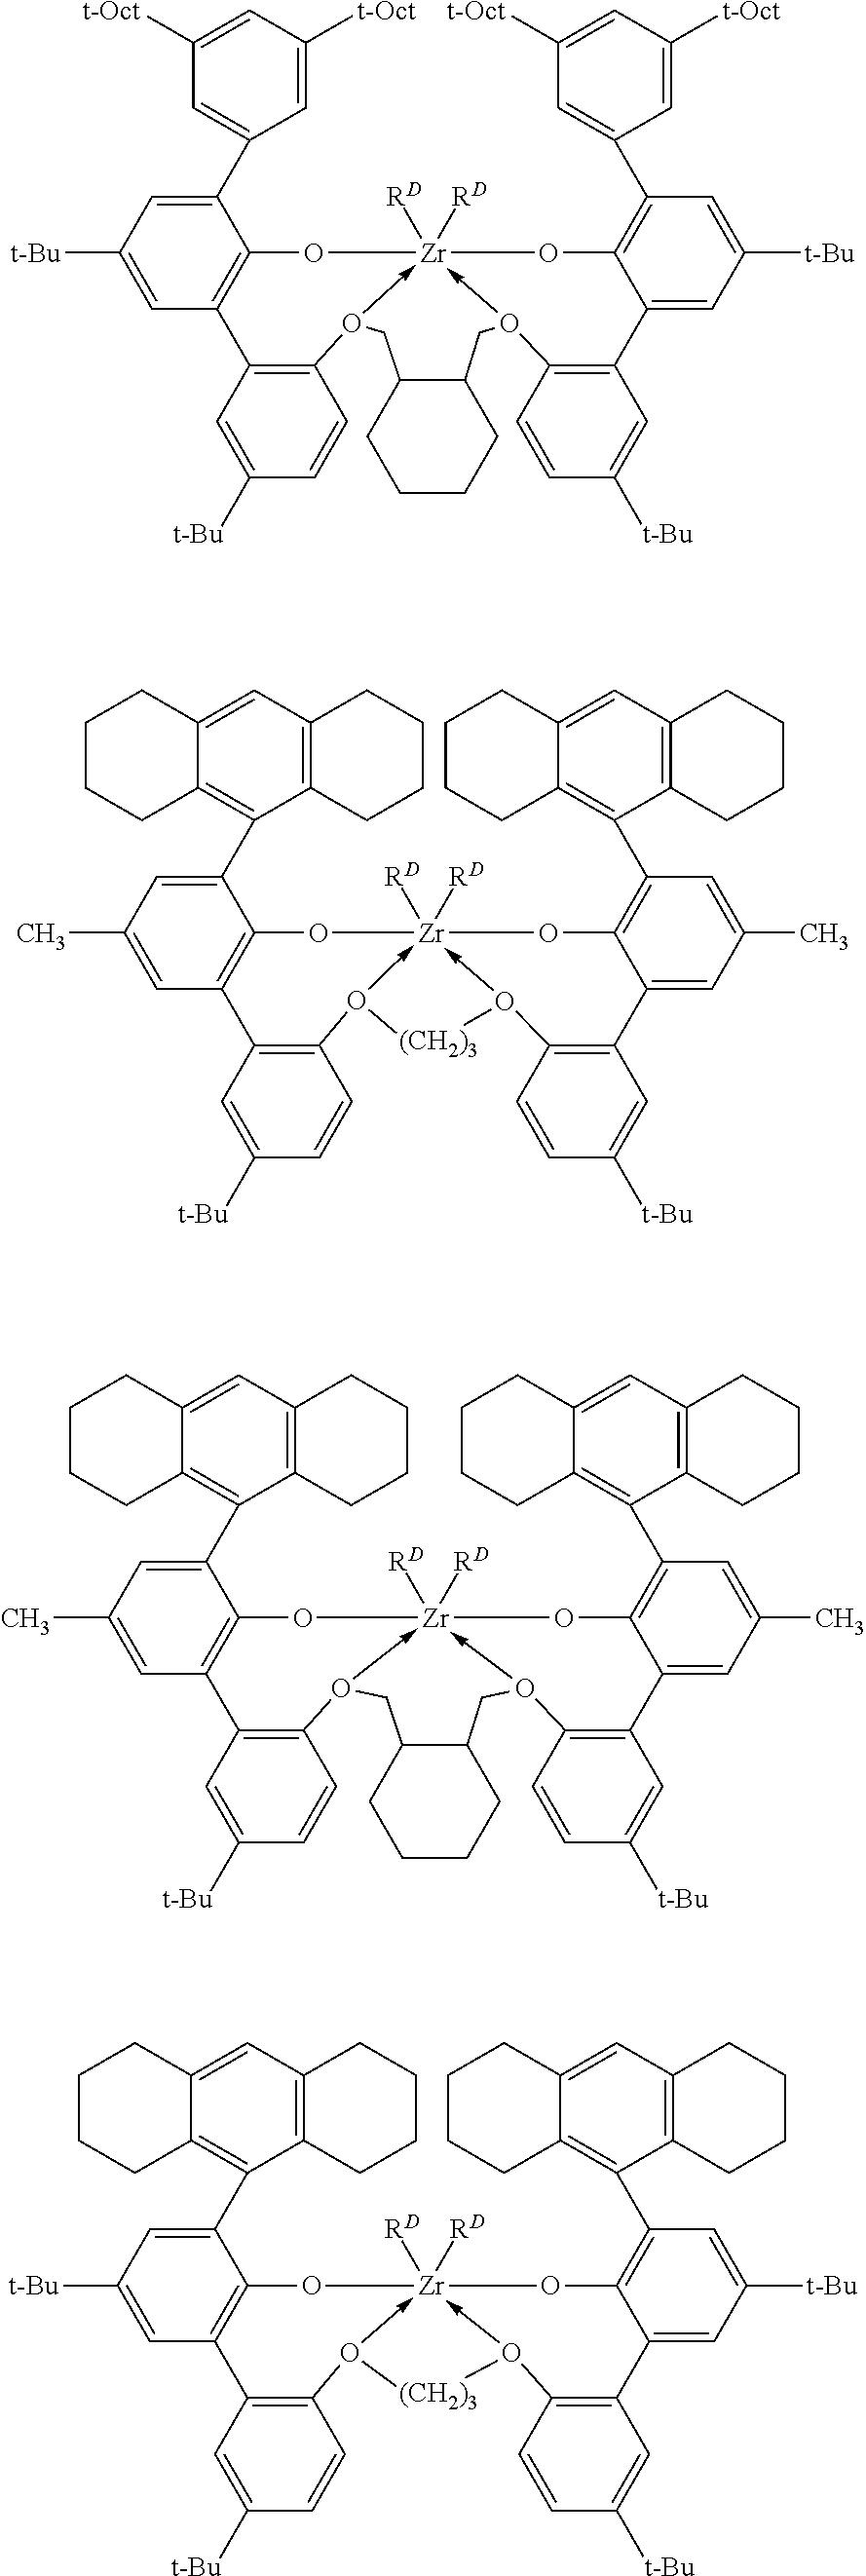 Figure US08450438-20130528-C00009